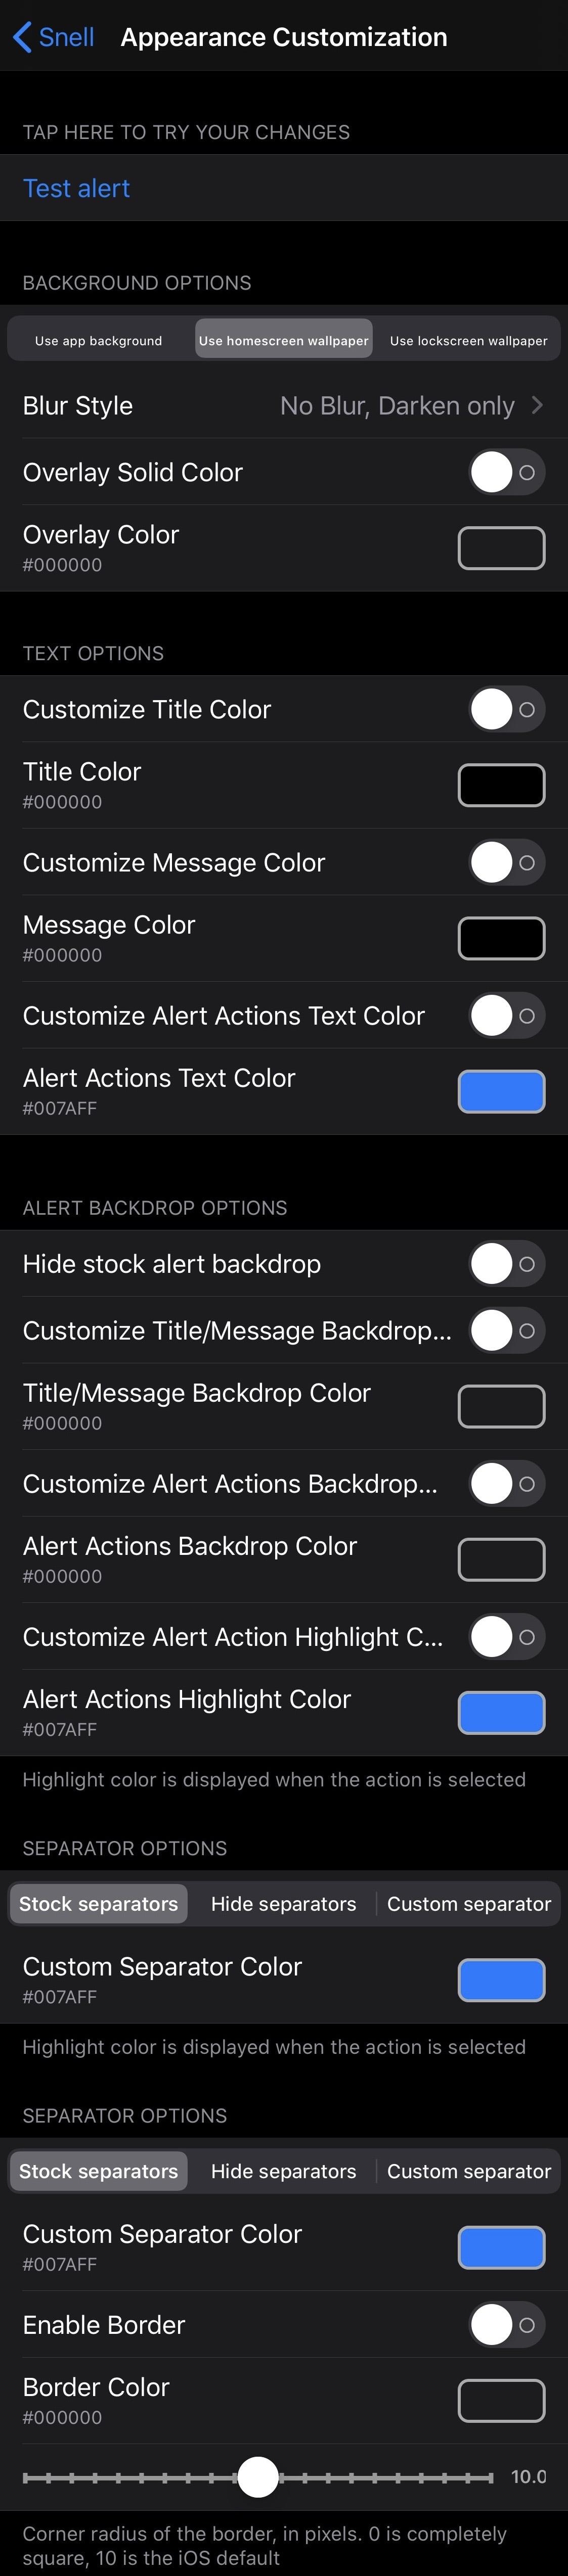 Thêm bất kỳ ký tự nào vào tin nhắn cảnh báo trên iPhone của bạn bằng Snell 3